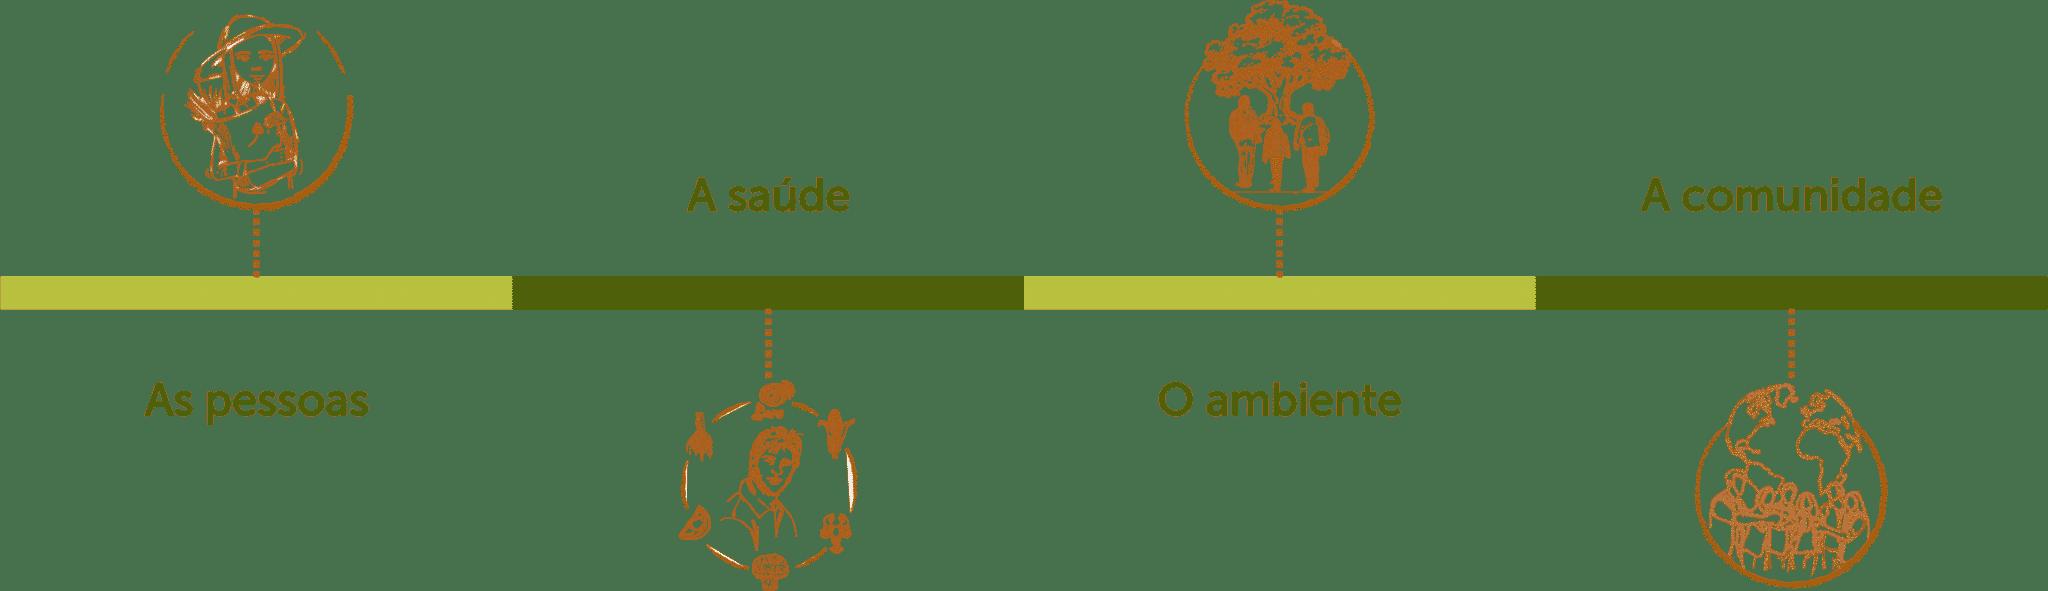 Produtos saudáveis e naturais